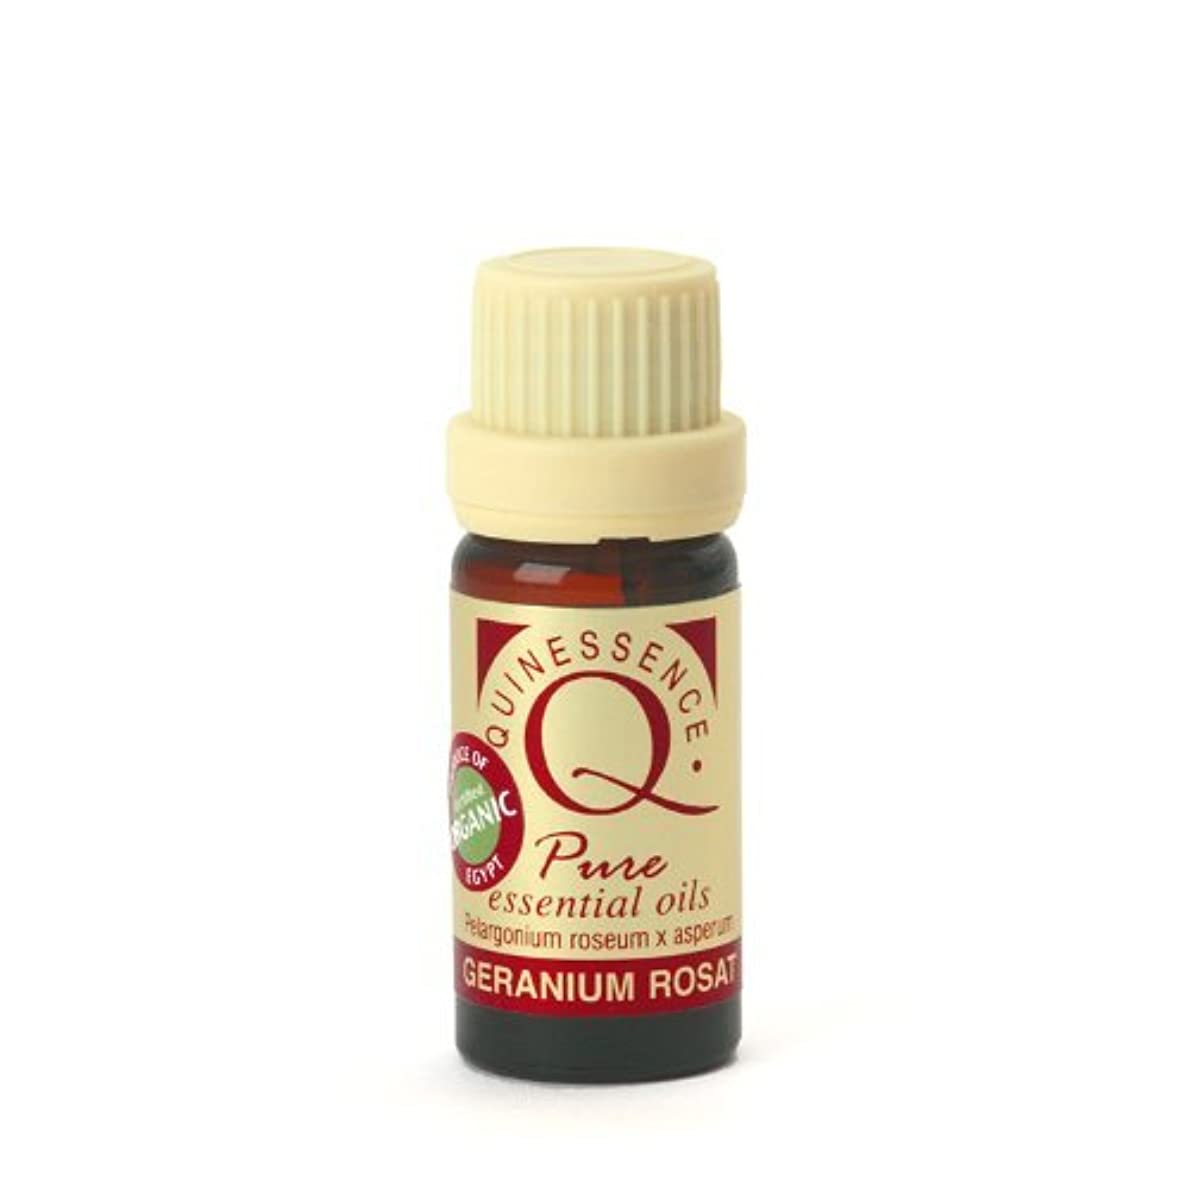 違うヒットそうGeranium Rosat Essential Oil - Certified Organic 10ml by Quinessence Aromatherapy